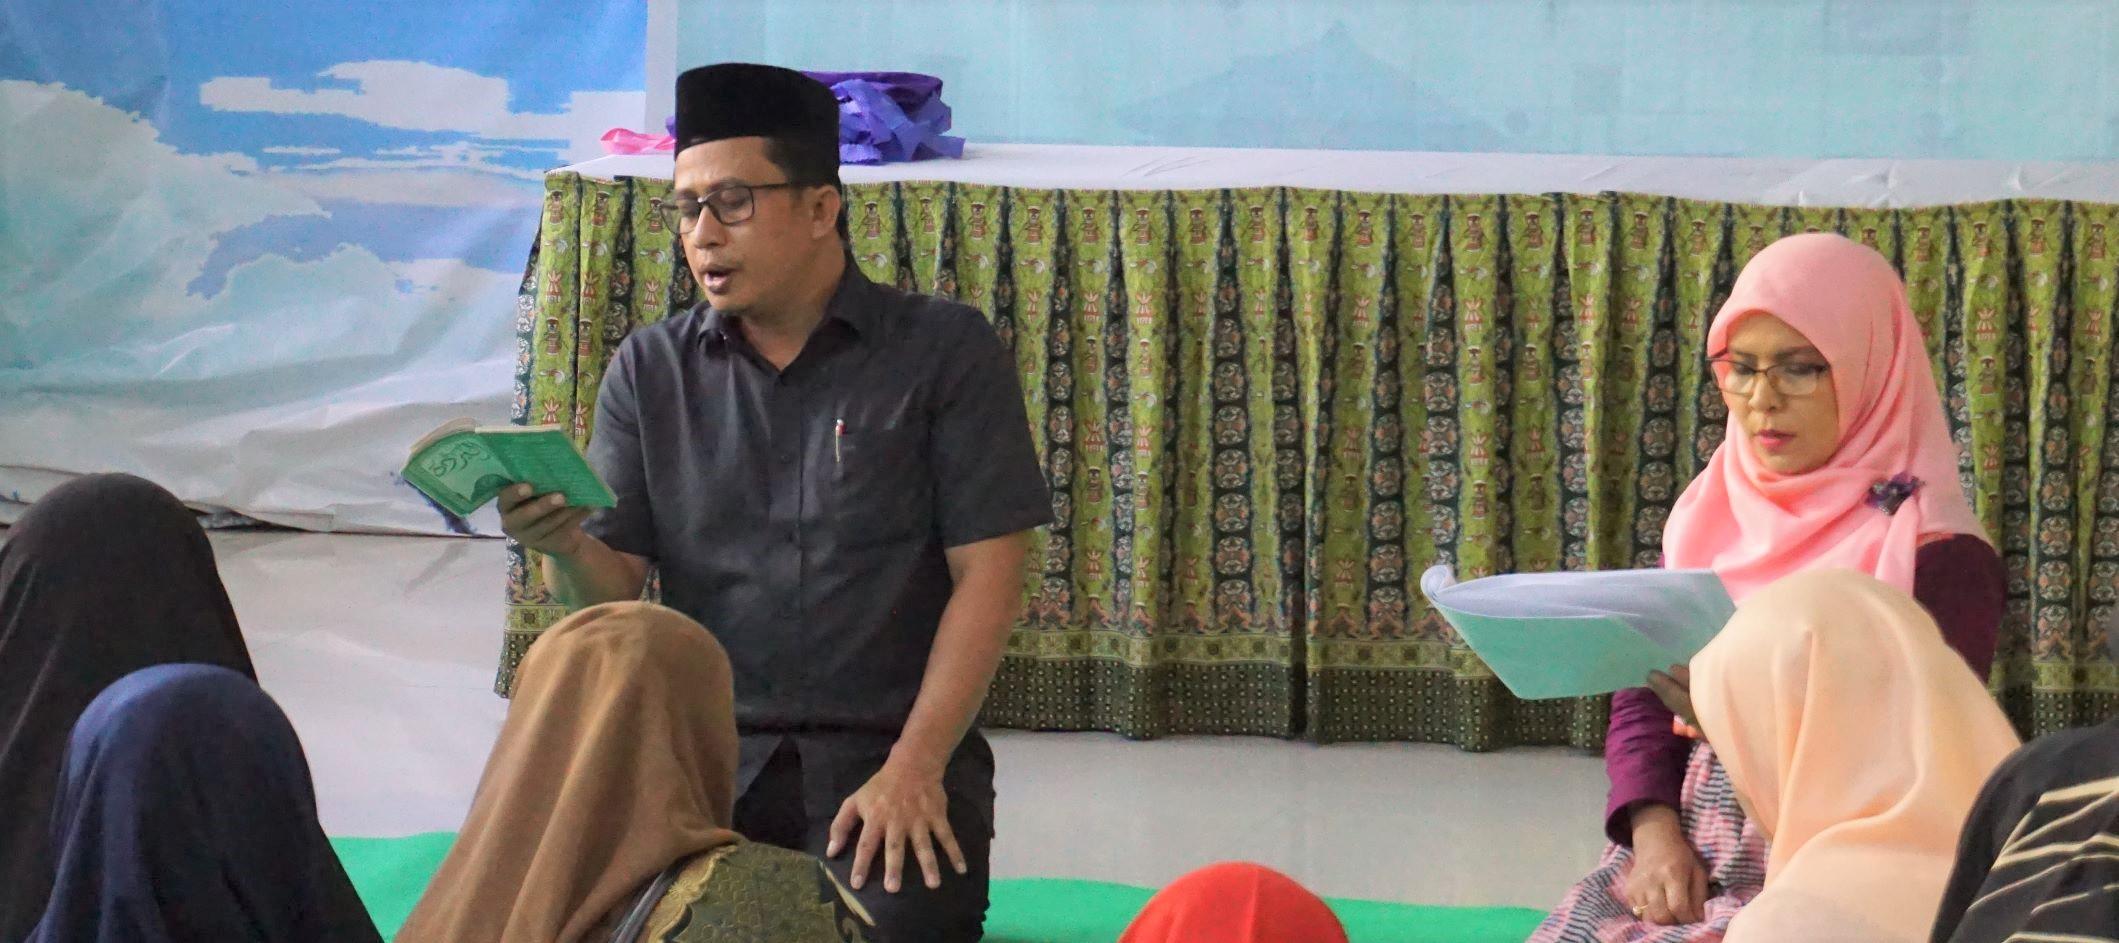 Ketua DWP IAIN FM Papua Ajak Sivitas Rajin Bersholawat ...